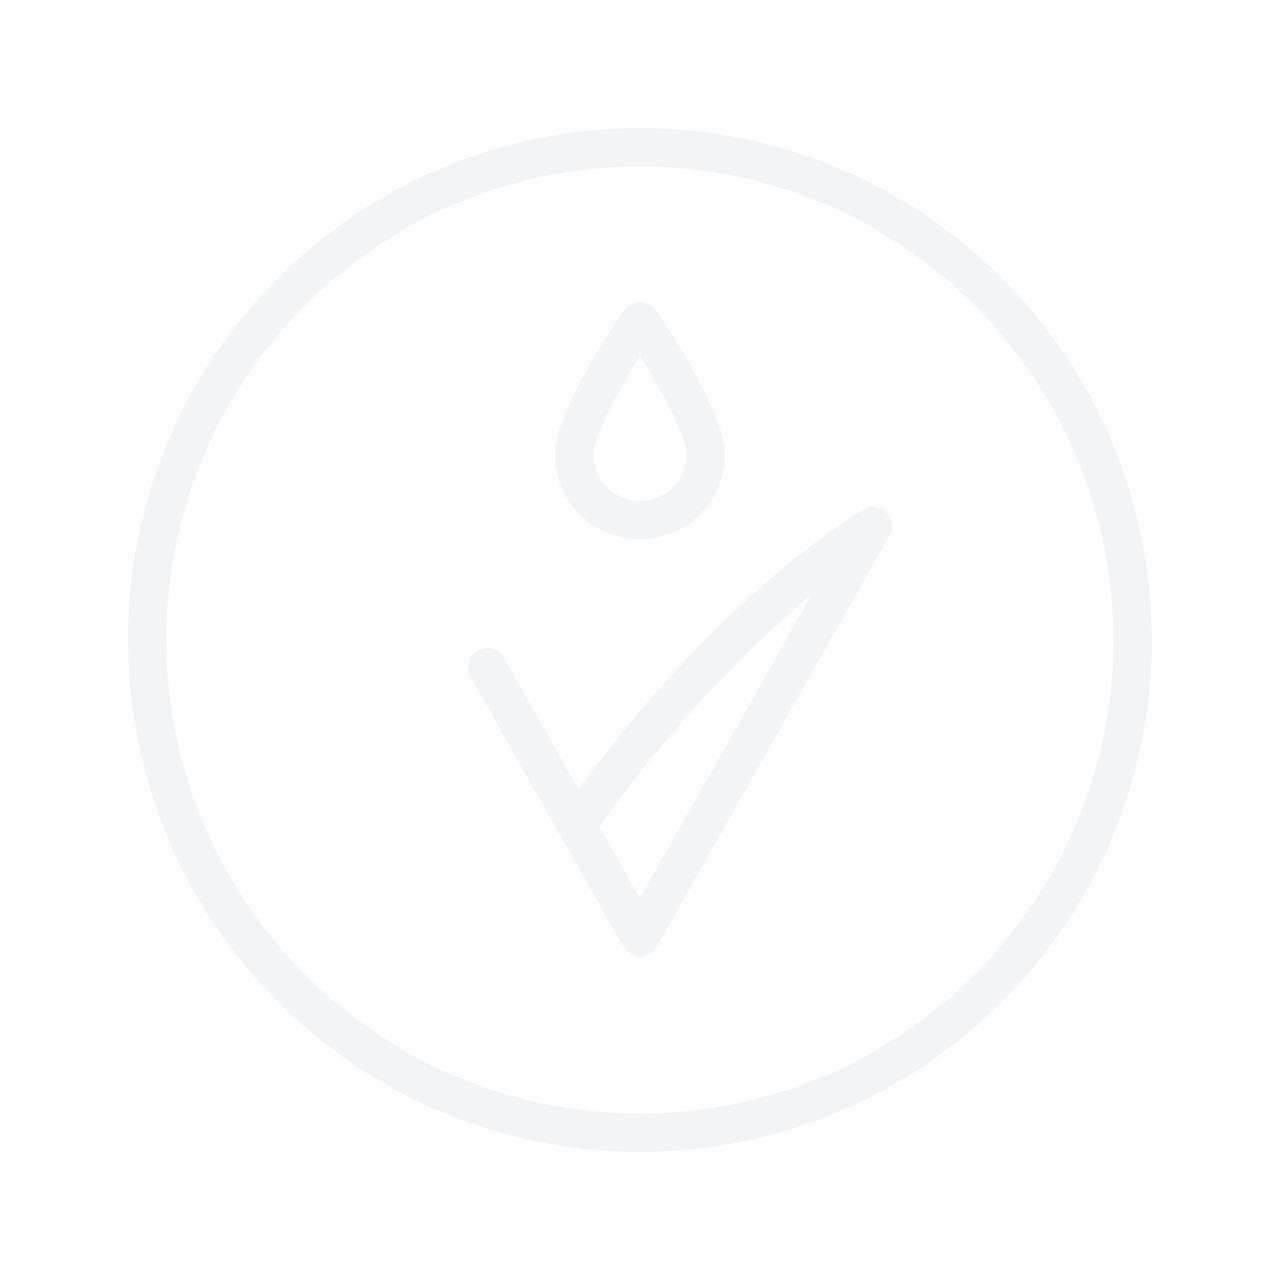 GIORGIO ARMANI Lip Magnet Liquid Lipstick No.503 Glow 3.9ml